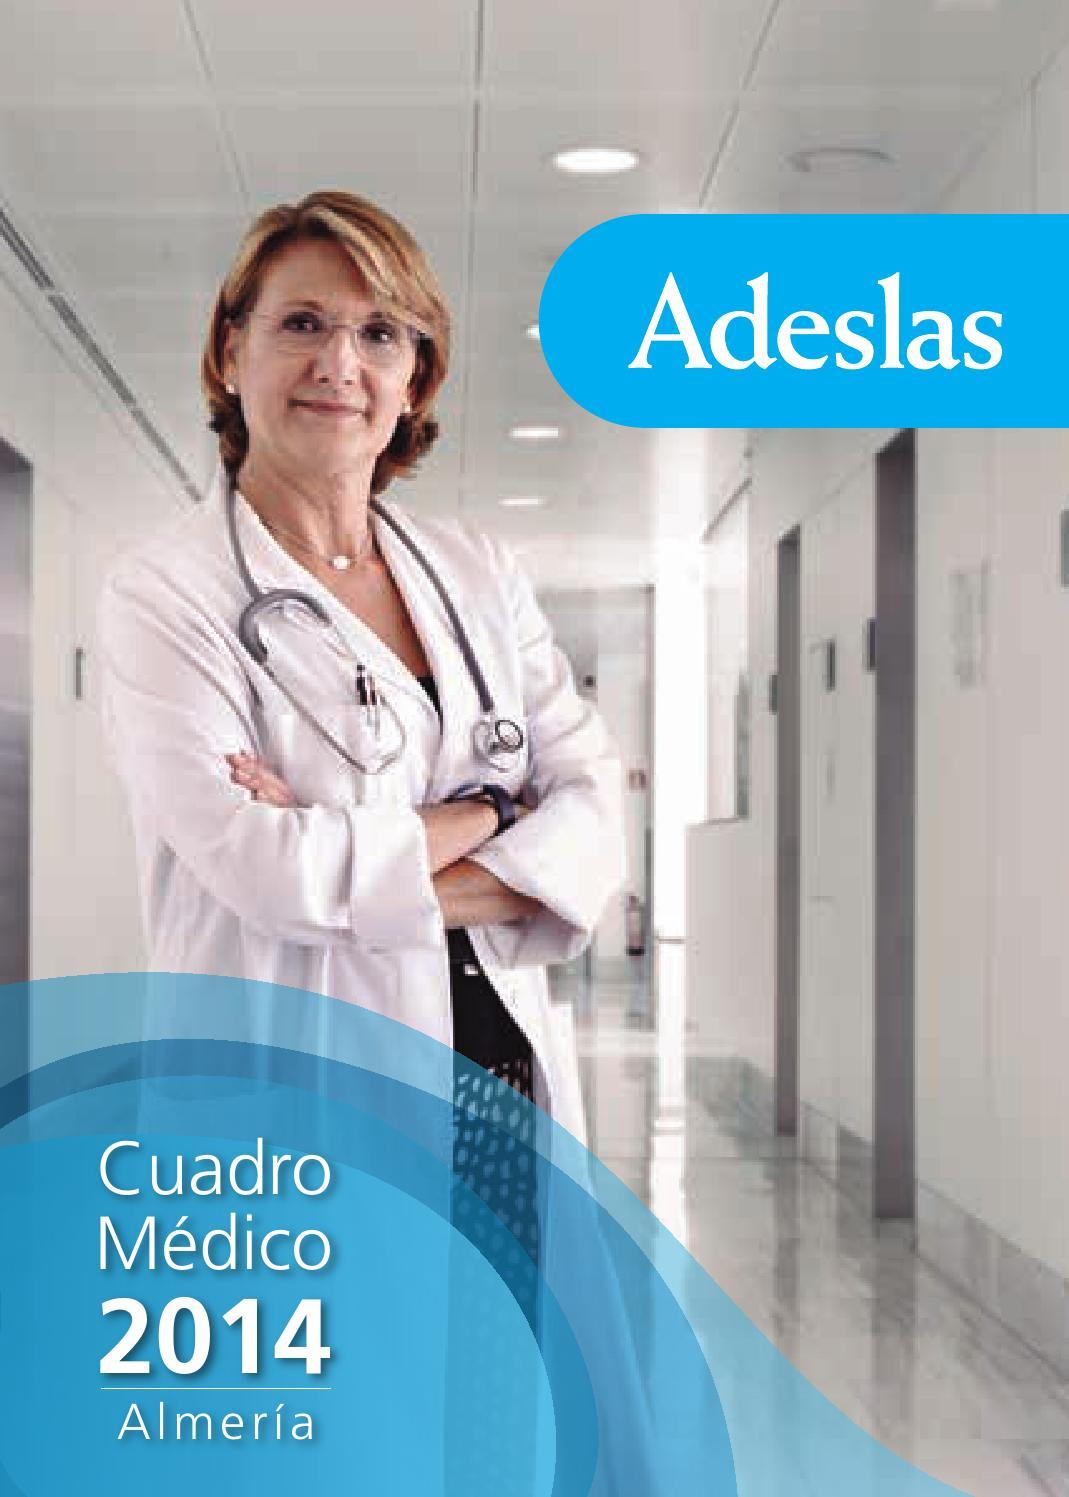 Cuadro medico adeslas almeria by esther lopez issuu - Adeslas oficinas barcelona ...